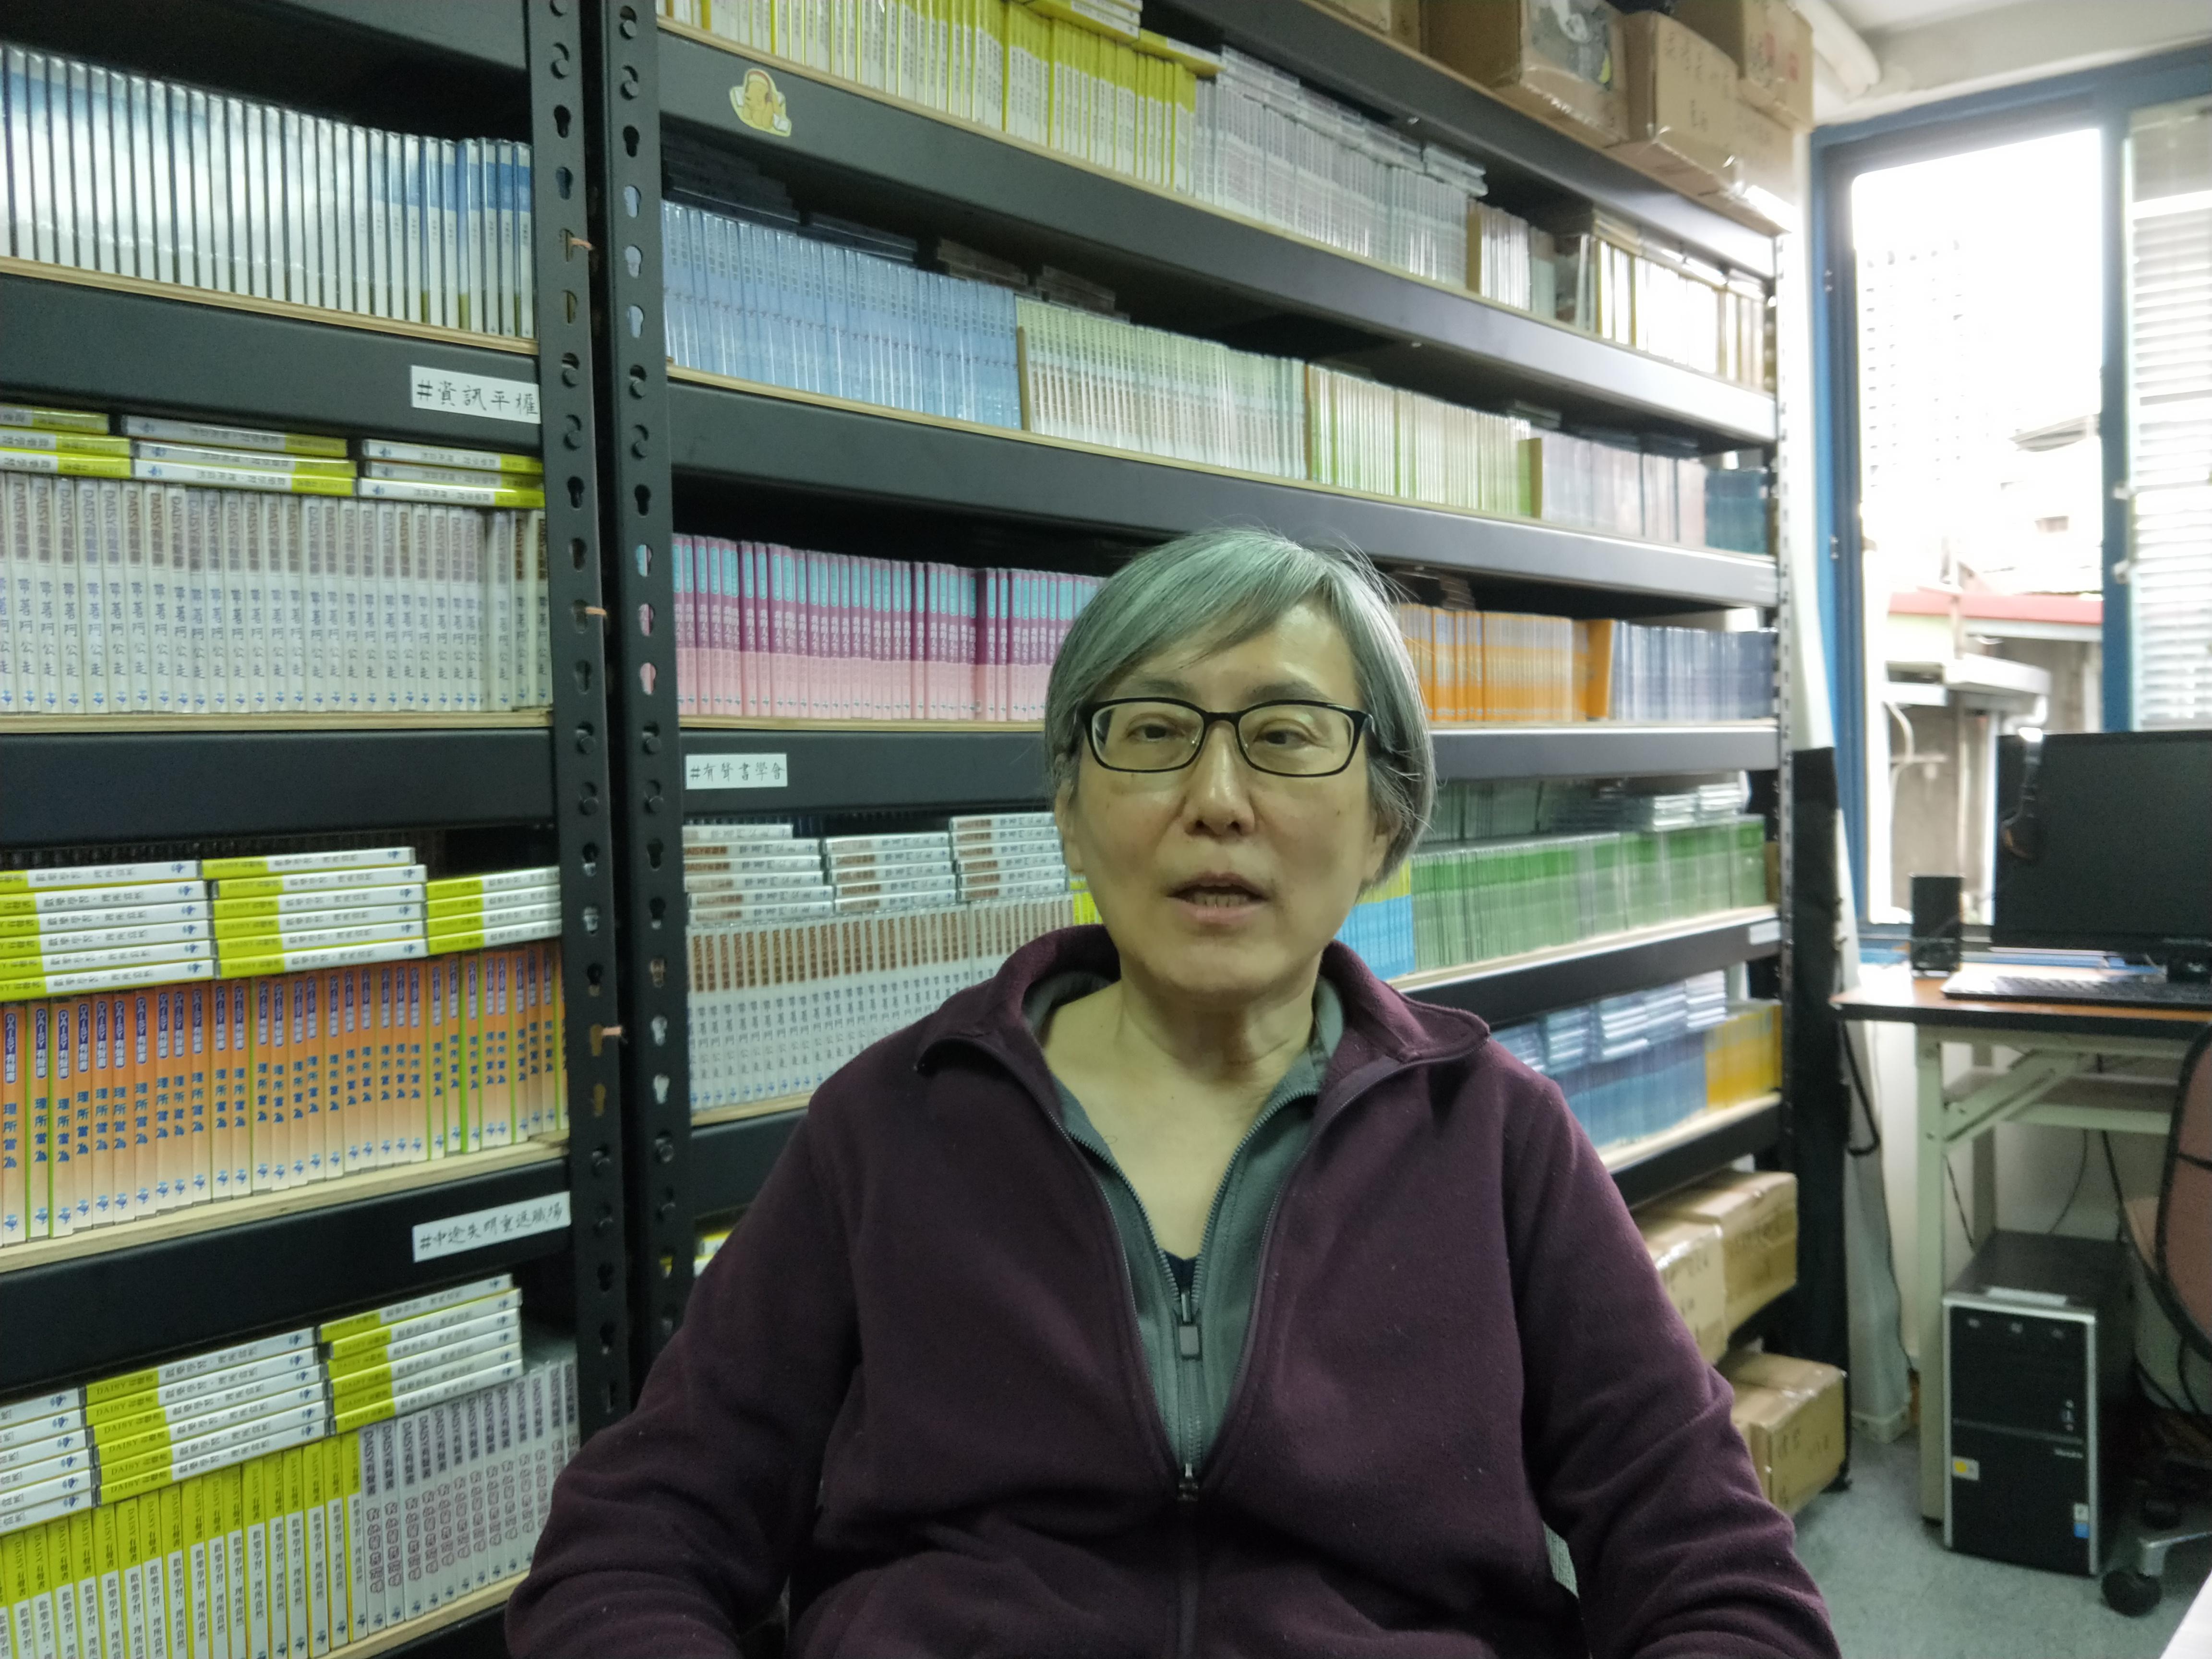 王小蘊生性低調,過得淡泊。目前主要在社區型心理諮商中心接案,另外偶爾也會到數位有聲書學會協助心理輔導。